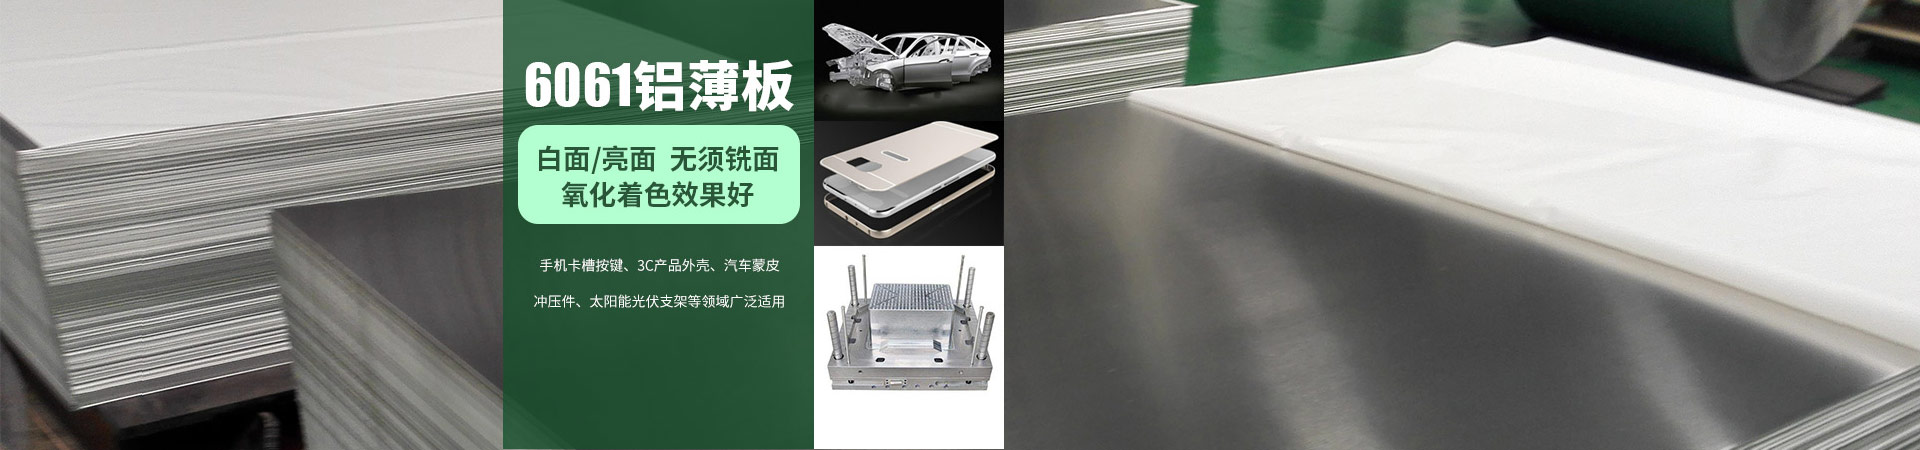 6061鋁(lv)板(ban)